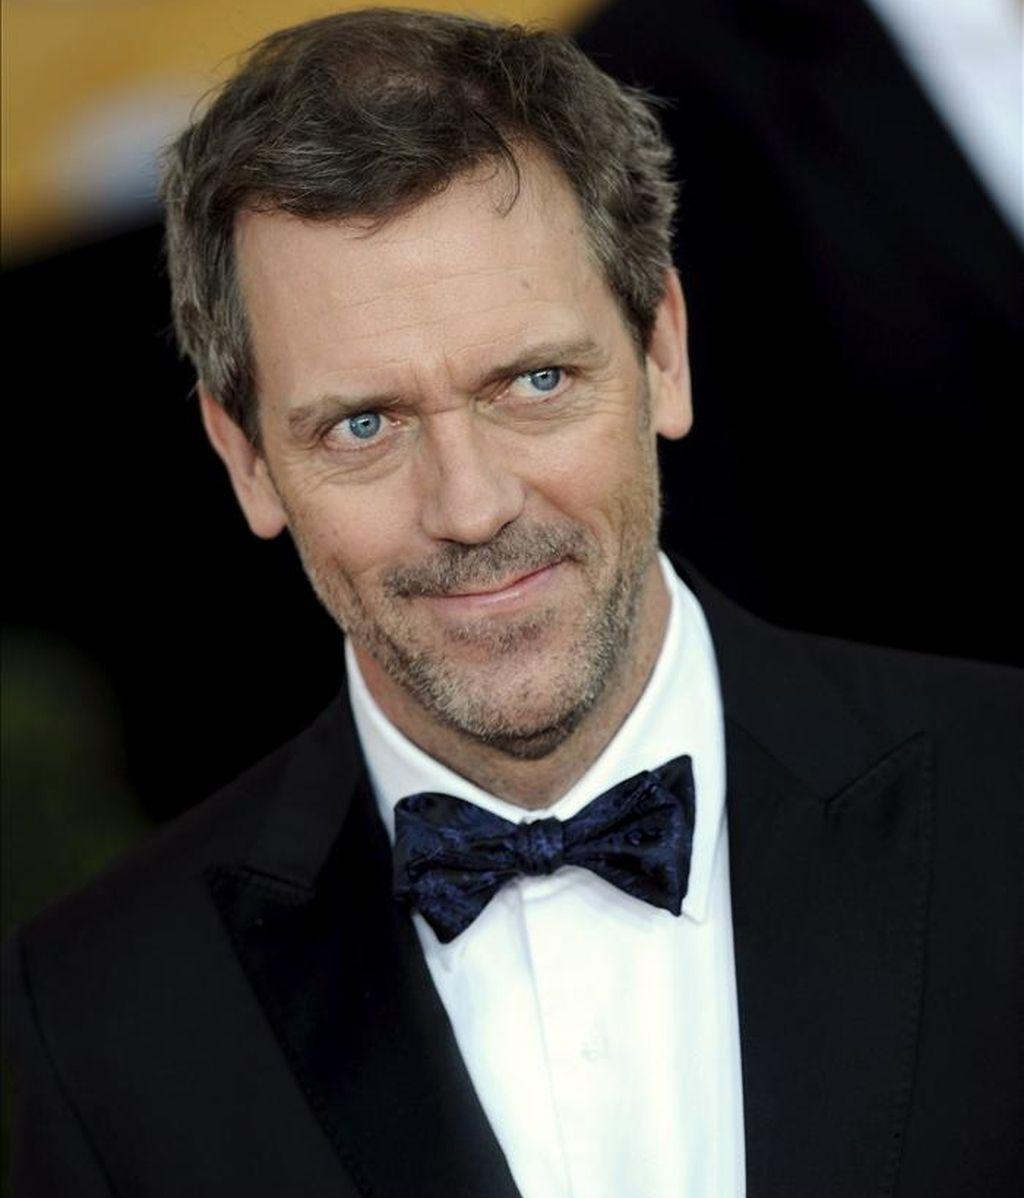 """El actor británico Hugh Laurie, que presenta hoy en concierto en París su álbum """"Let them talk"""", asegura que a los diez años quería ser músico de blues, y no el doctor House que le llevó a la fama a través de la televisión. EFE/Archivo"""